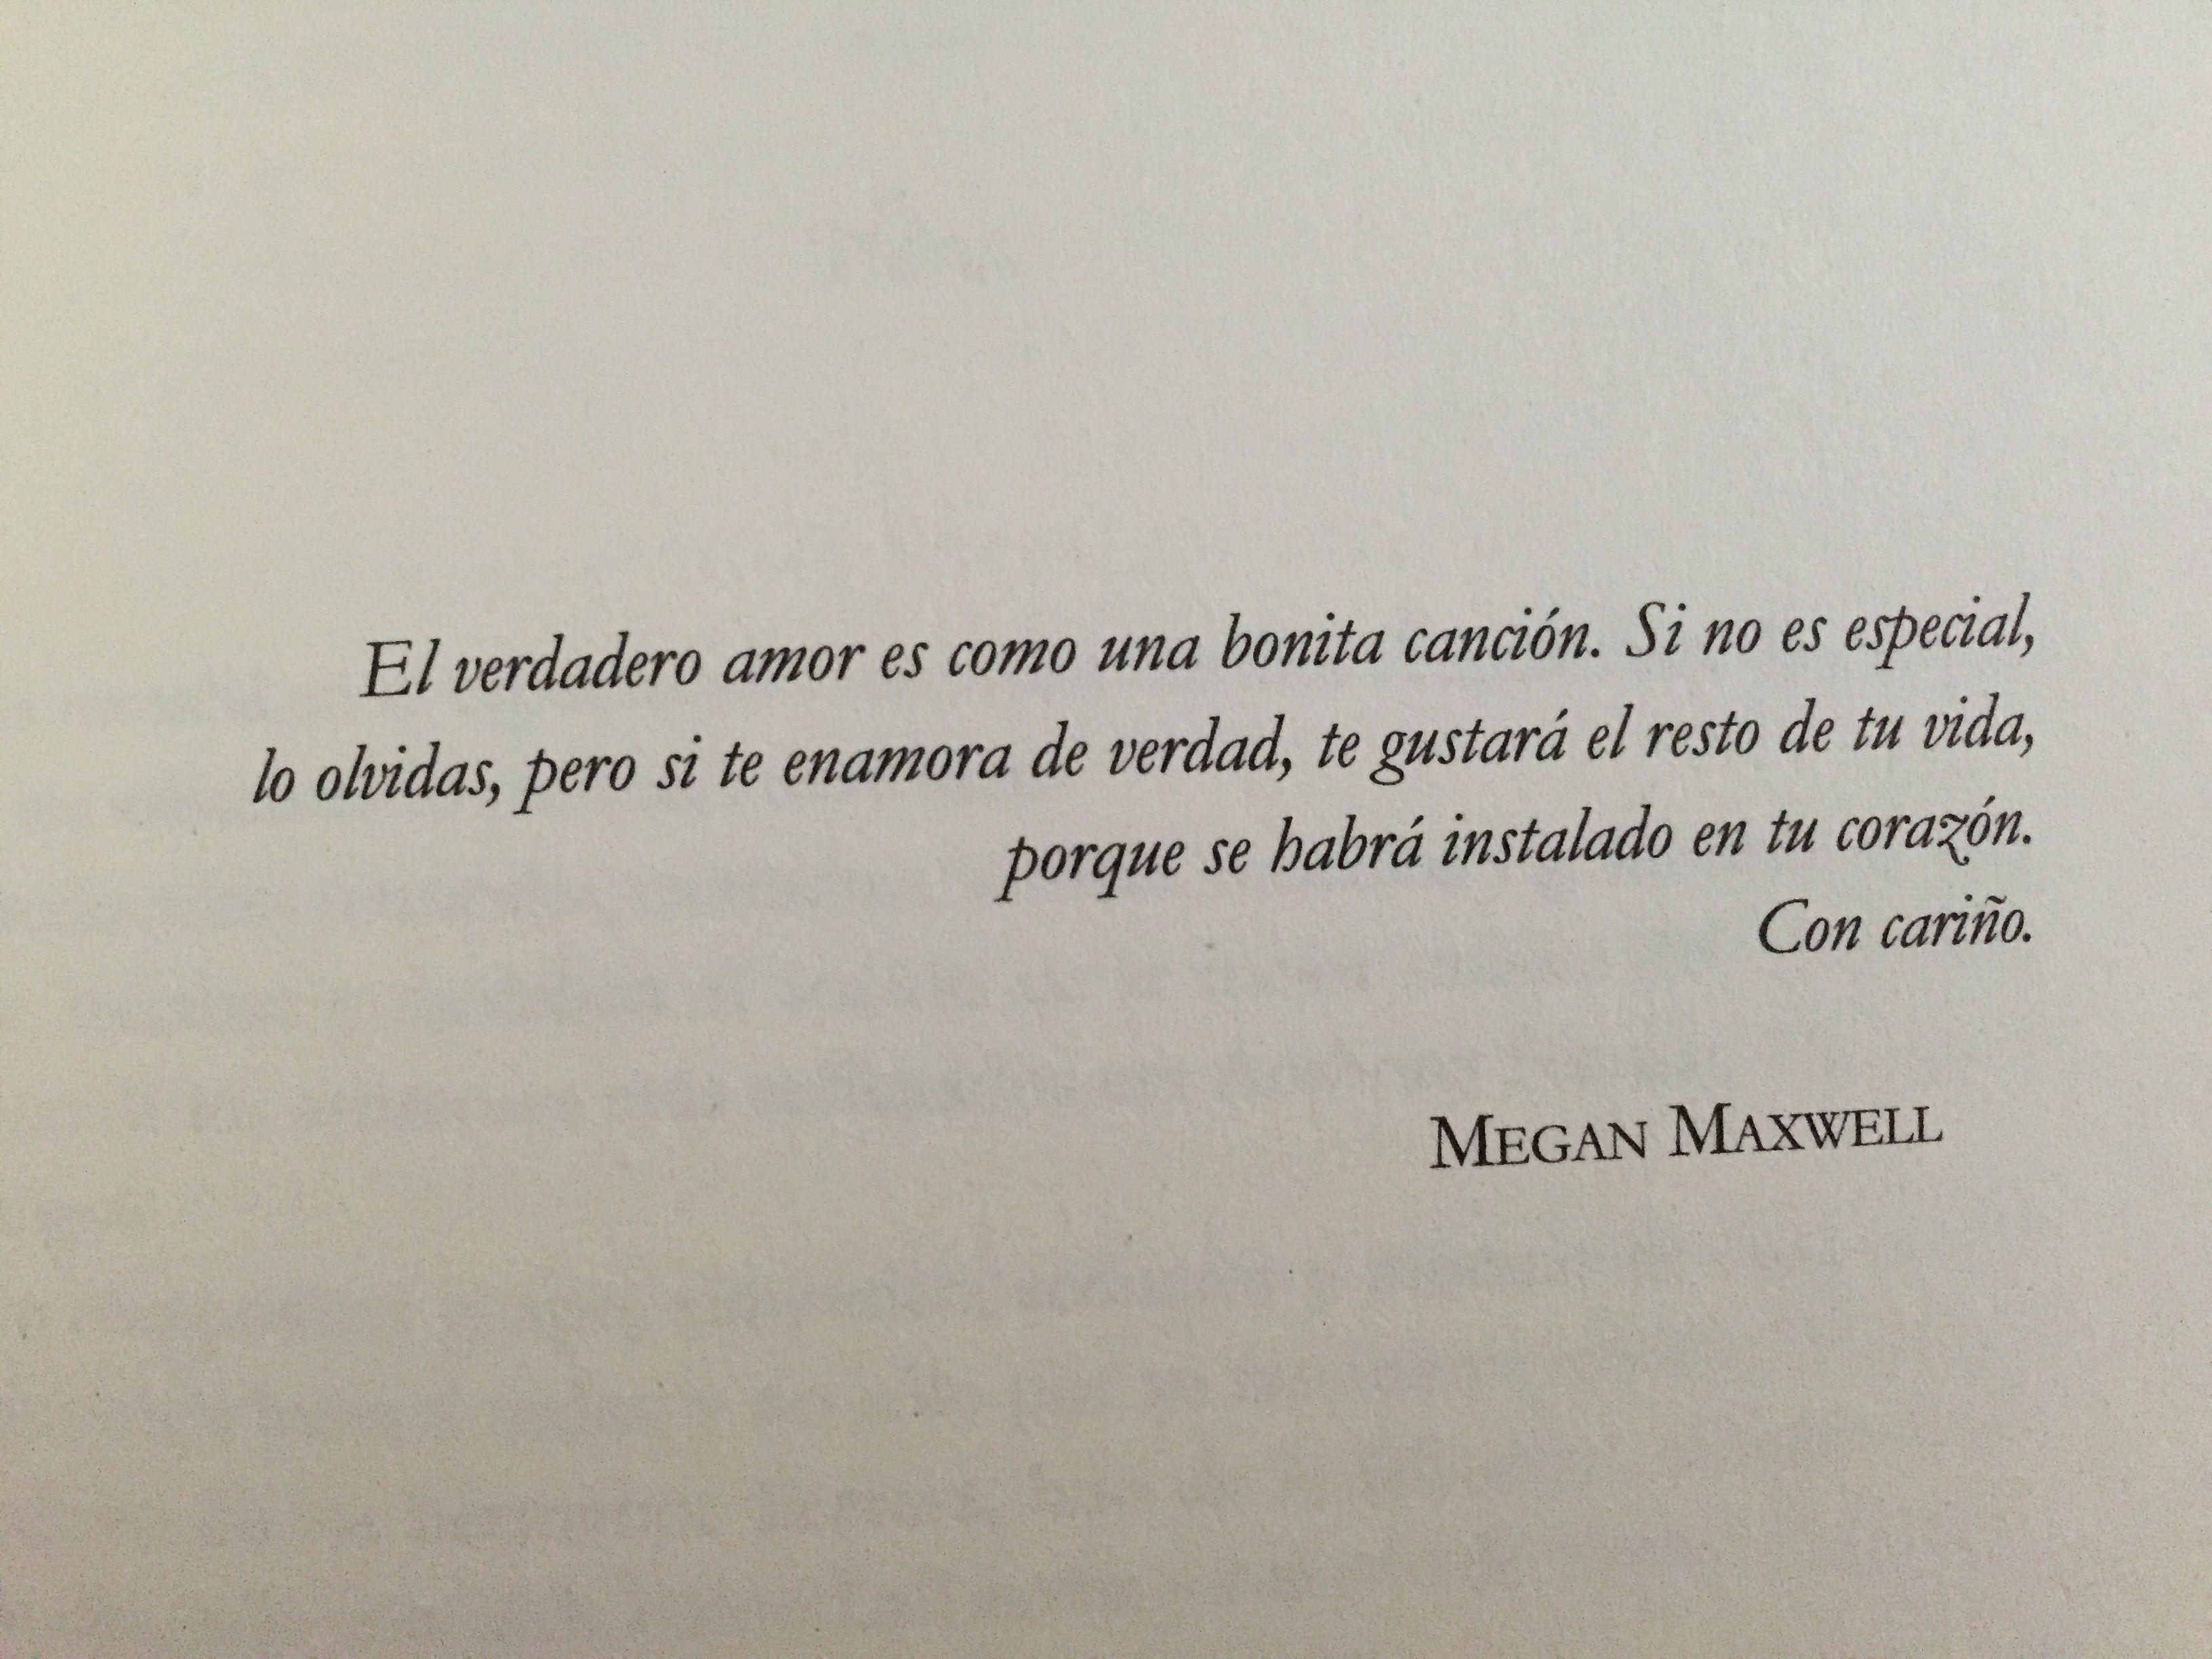 Sígueme La Corriente Megan Maxwell Amor Y Asco Frases